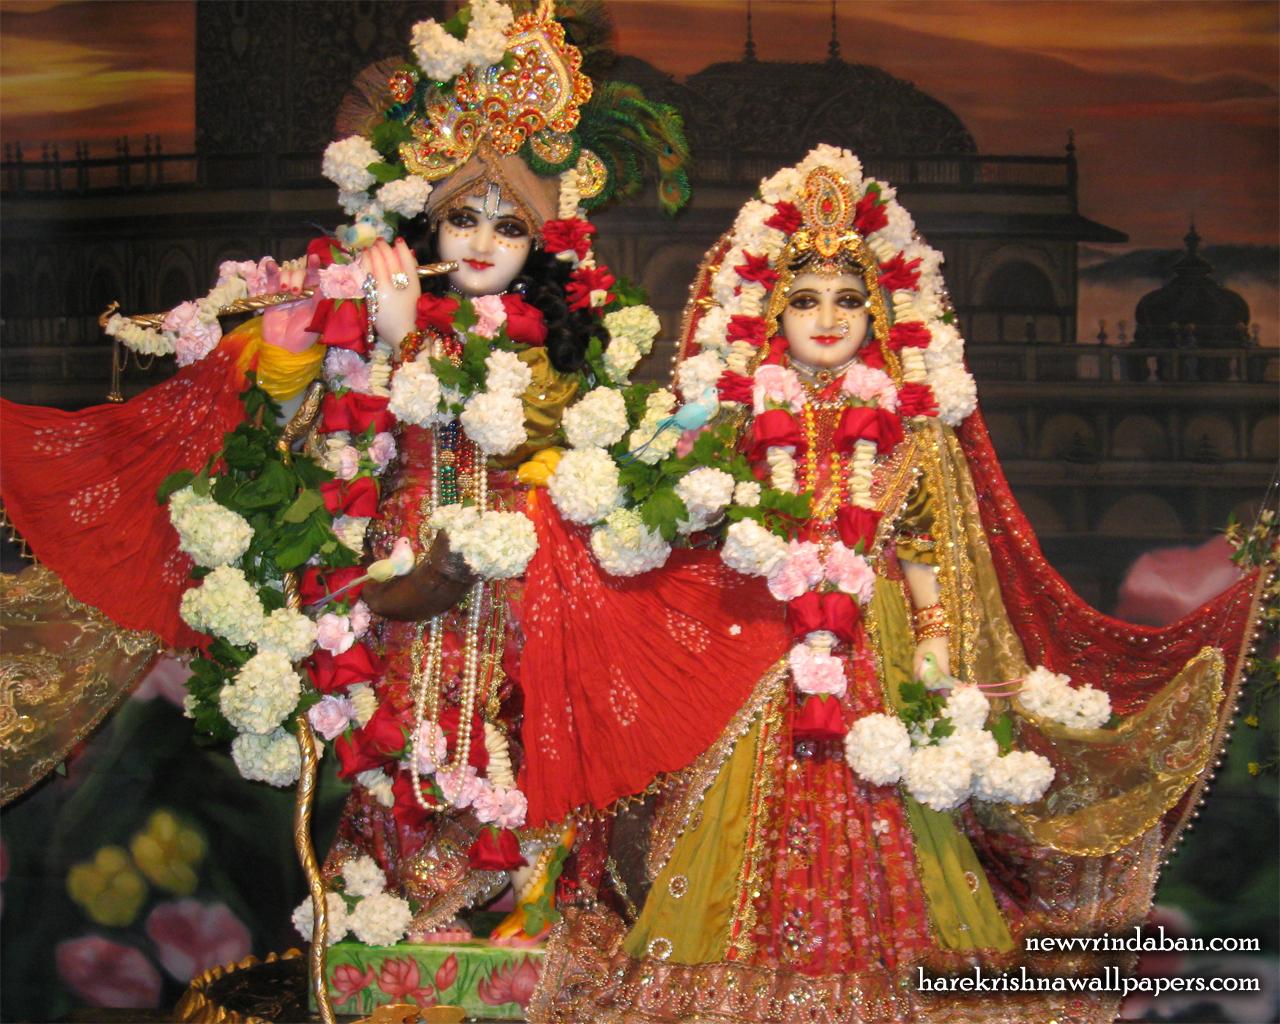 Sri Sri Radha Vrindavana Chandra Wallpaper (001) Size 1280x1024 Download